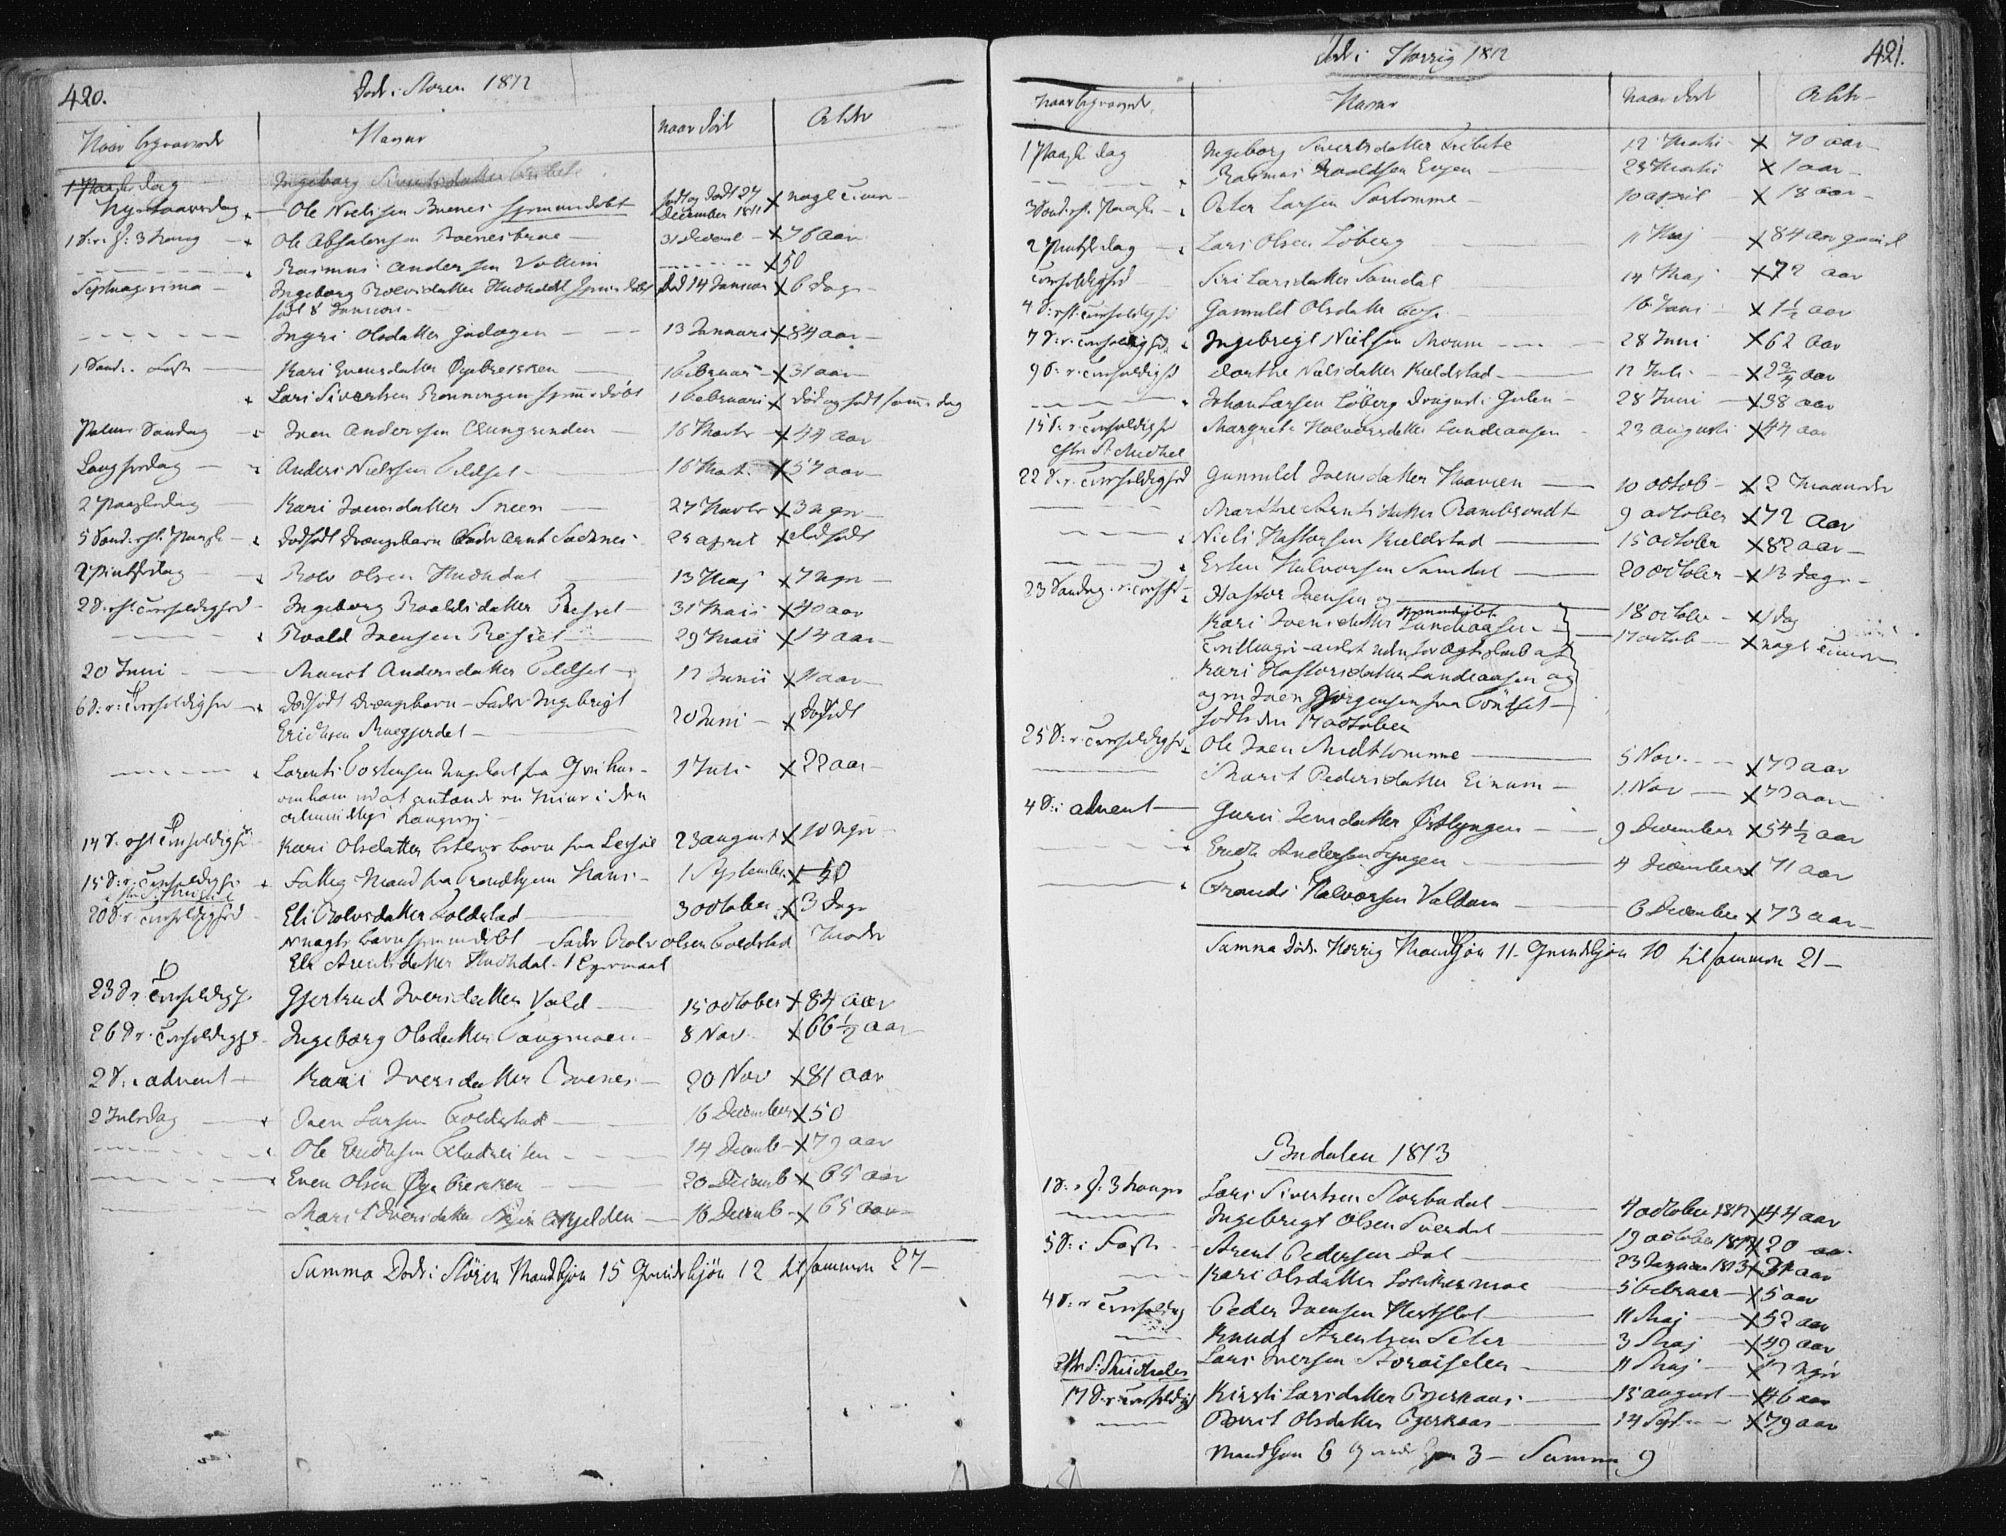 SAT, Ministerialprotokoller, klokkerbøker og fødselsregistre - Sør-Trøndelag, 687/L0992: Ministerialbok nr. 687A03 /1, 1788-1815, s. 420-421